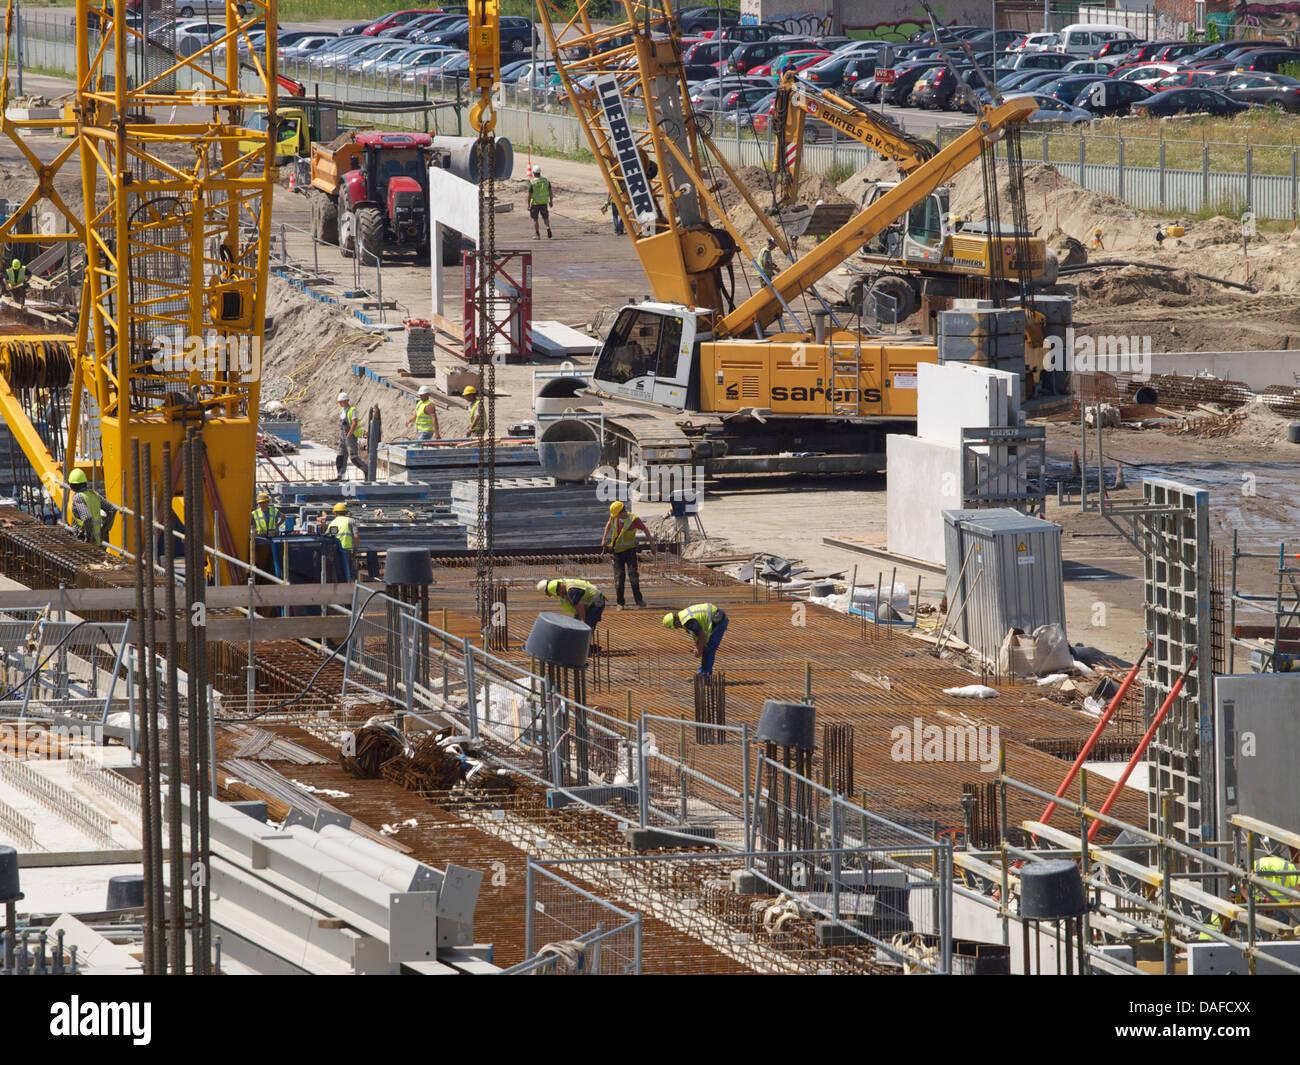 Große Bauvorhaben, der neue Bahnhof von Breda, Niederlande, mit vielen Menschen gearbeitet. Stockbild